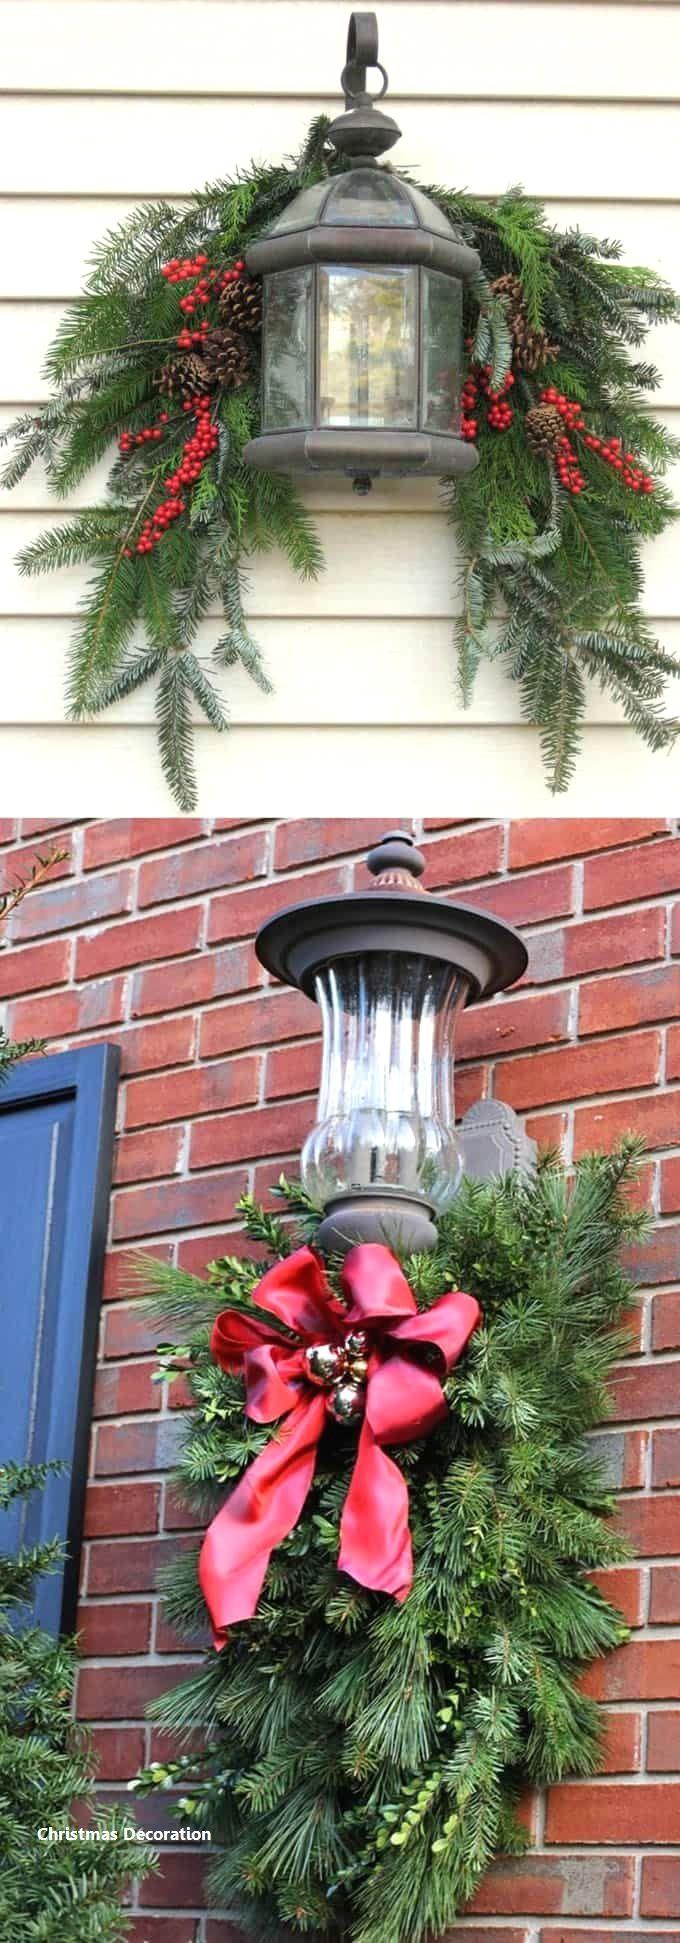 New Christmas Decoration Christmasdecoration Outdoor Christmas Diy Christmas Decorations Diy Outdoor Christmas Door Decorations